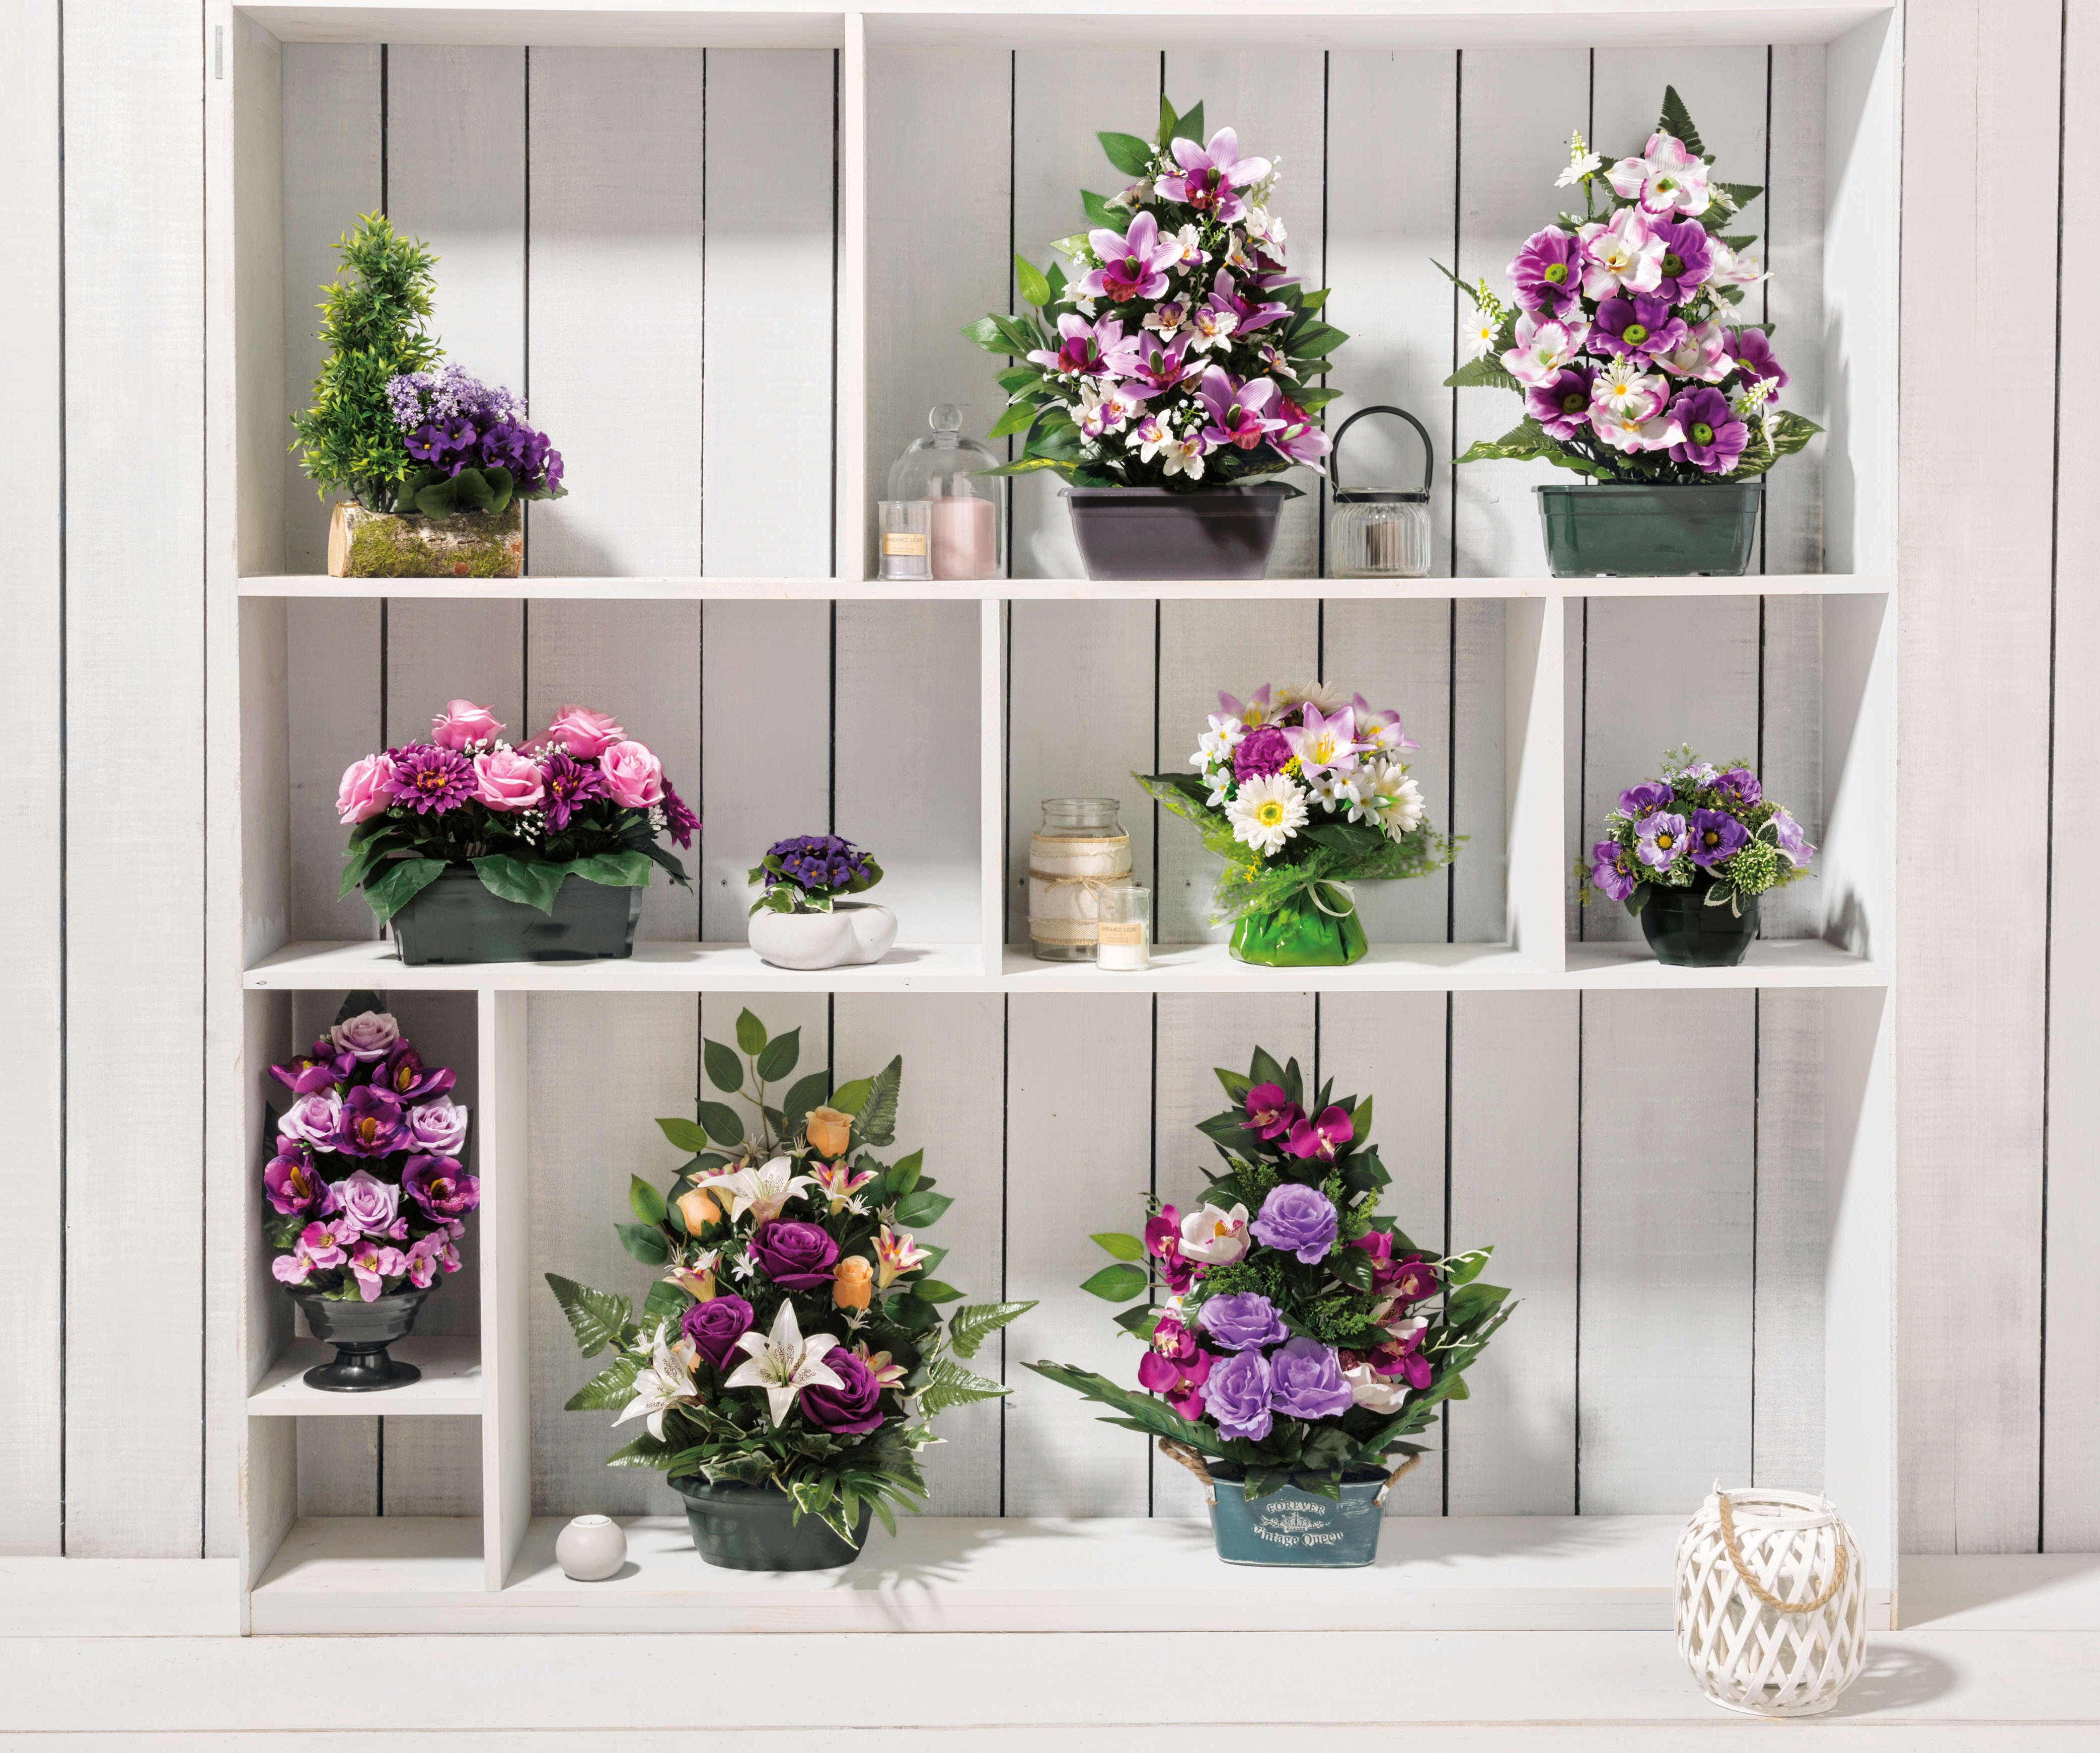 conseils quelles fleurs de toussaint choisir blog la foirfouille. Black Bedroom Furniture Sets. Home Design Ideas